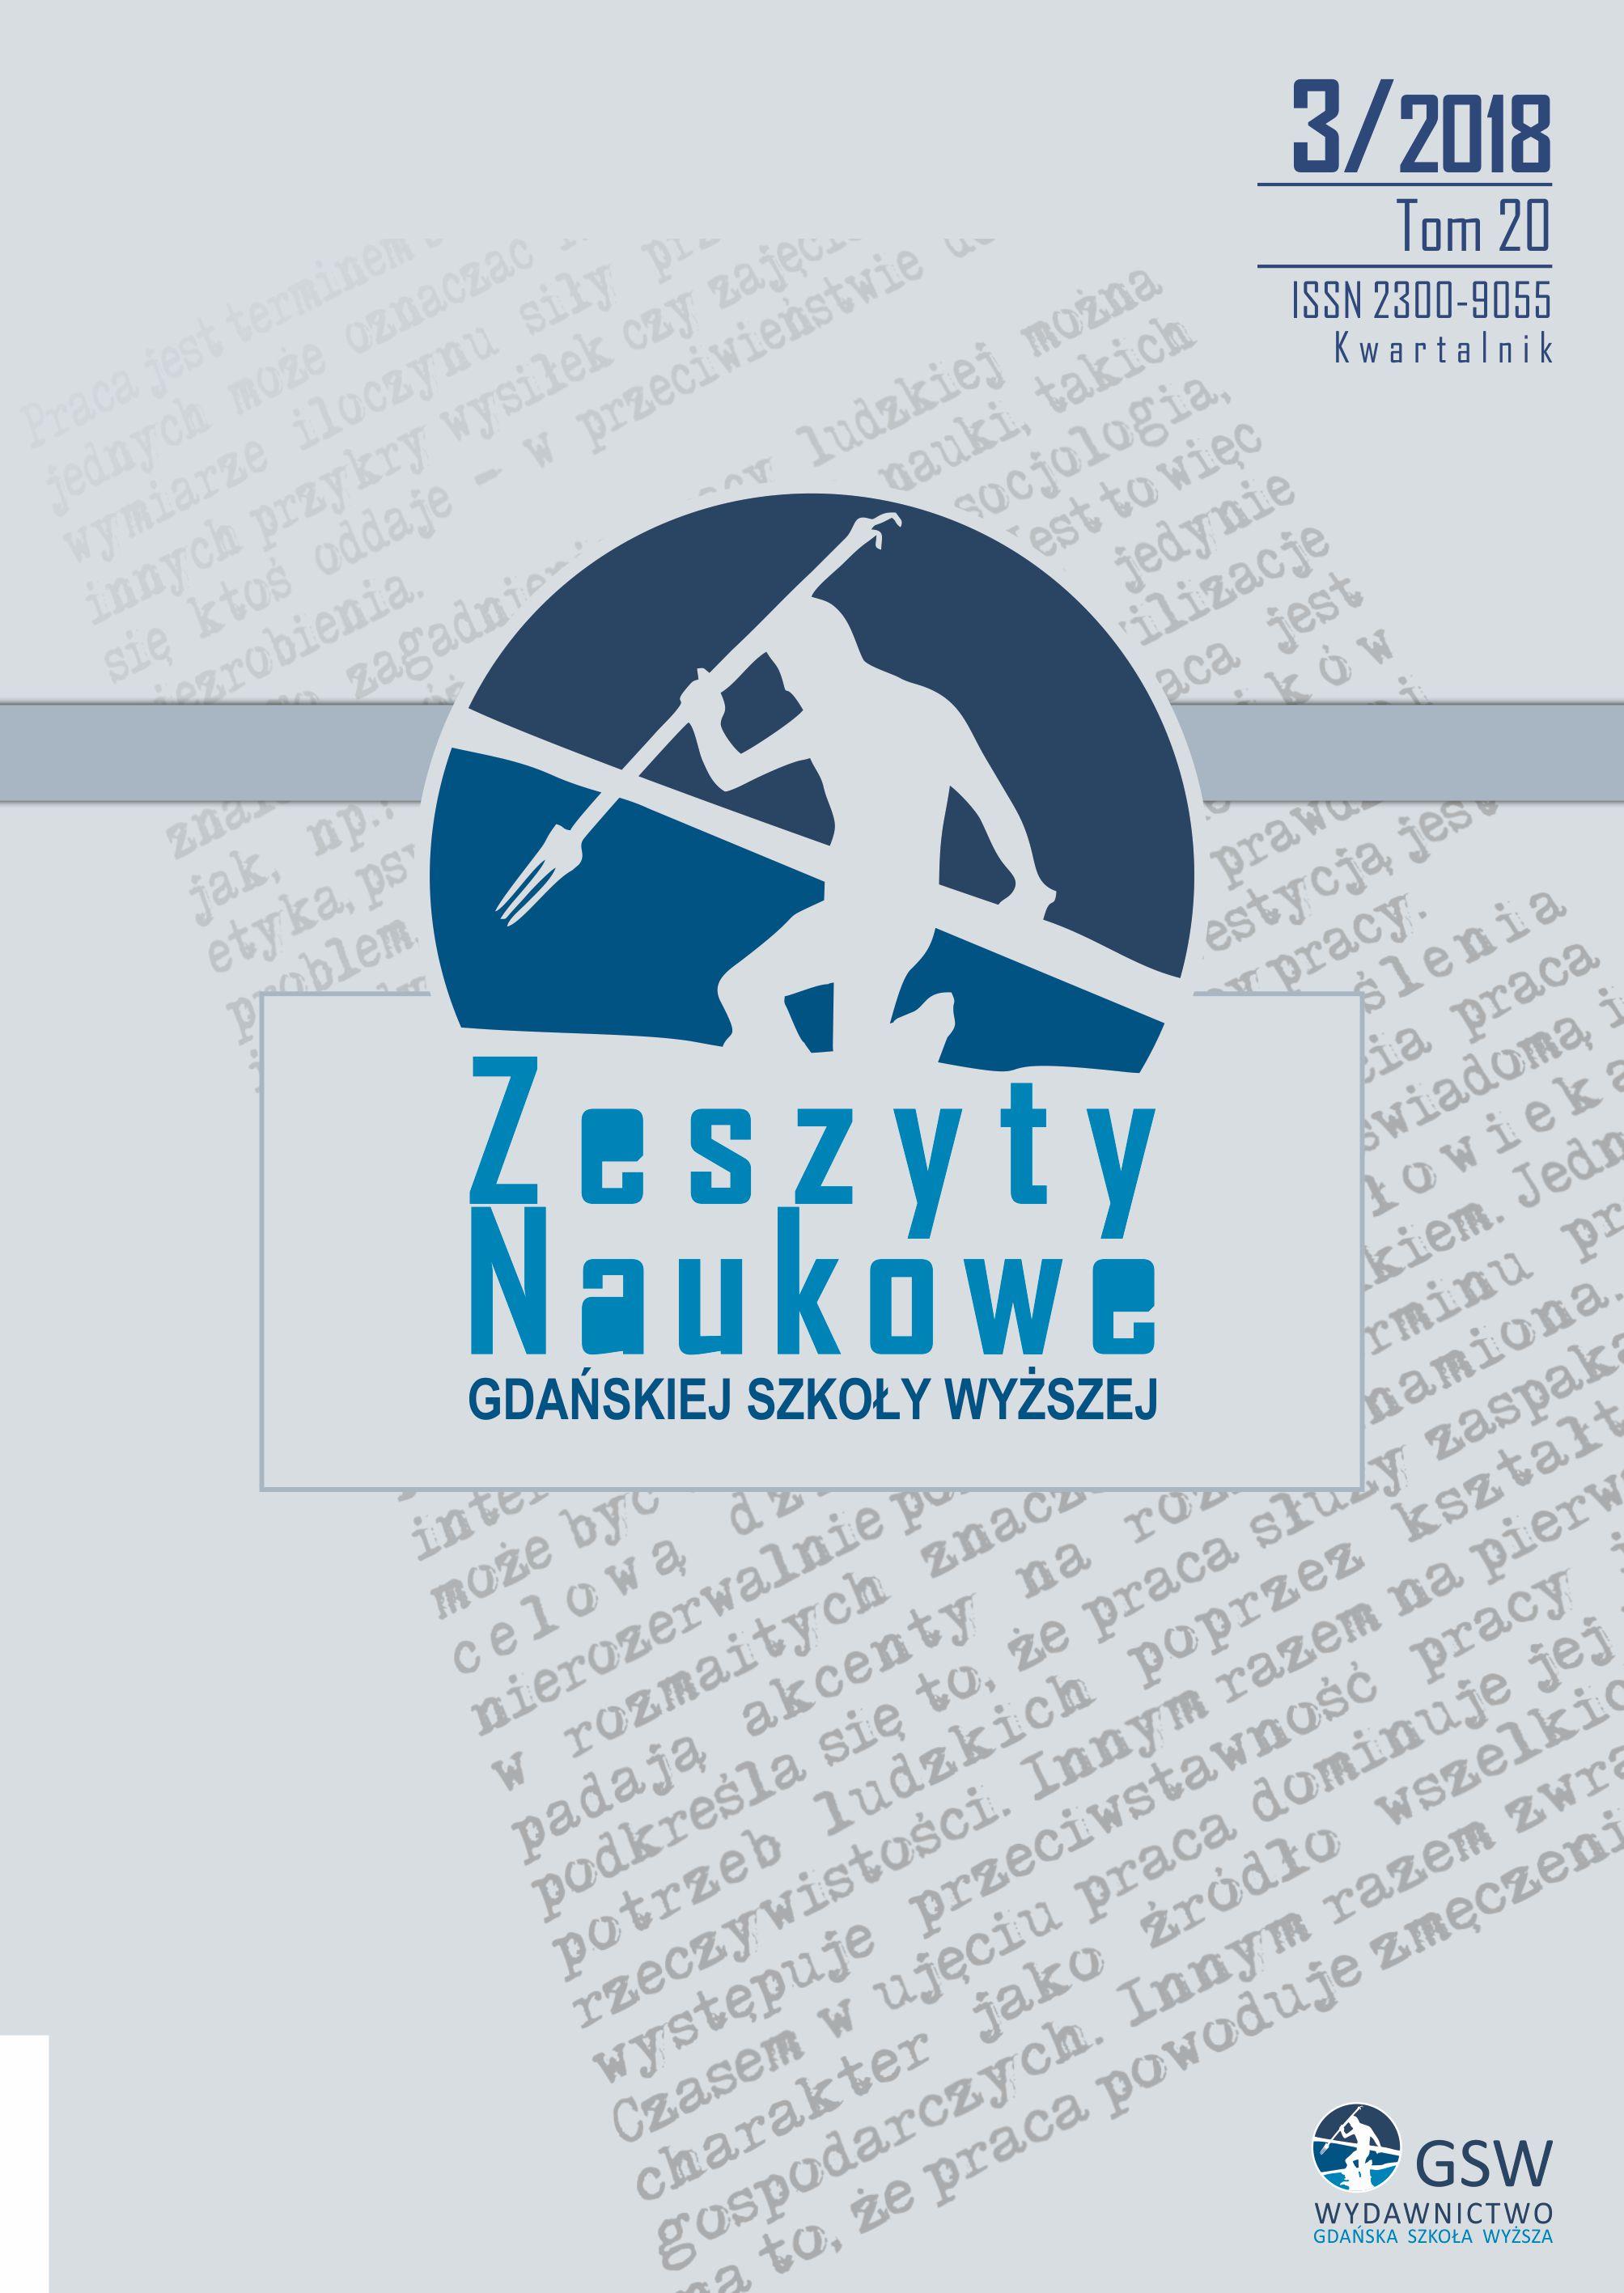 Zeszyty Naukowe GSW, tom 20 - pierwsza strona okładki